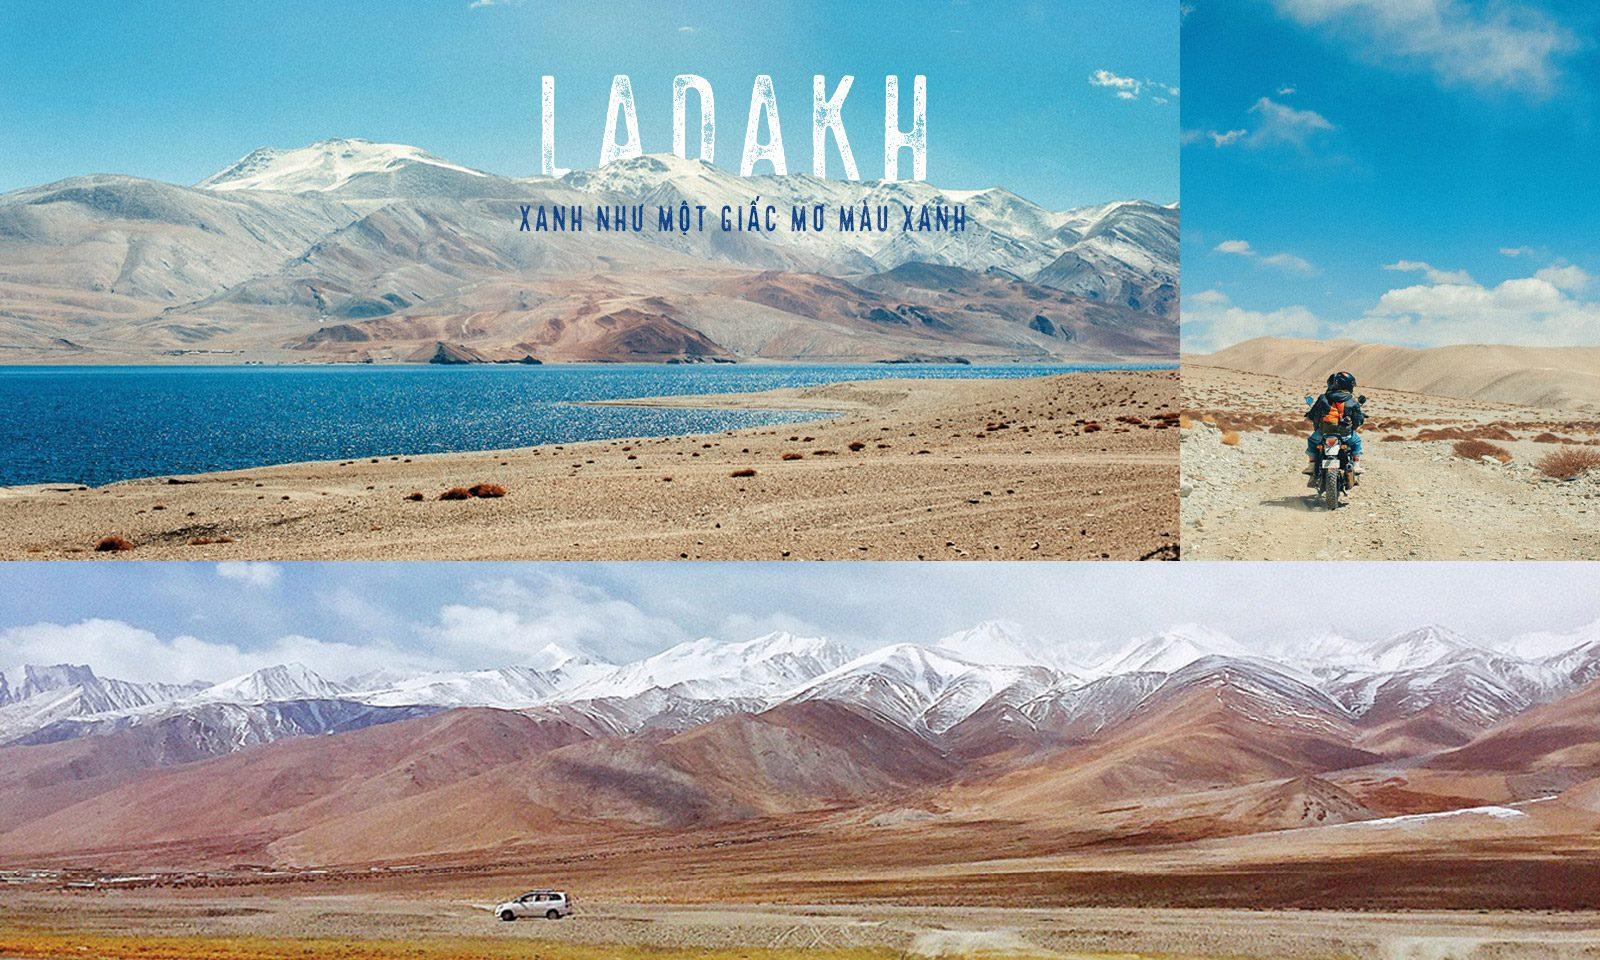 Ladakh – Xanh như một giấc mơ màu xanh